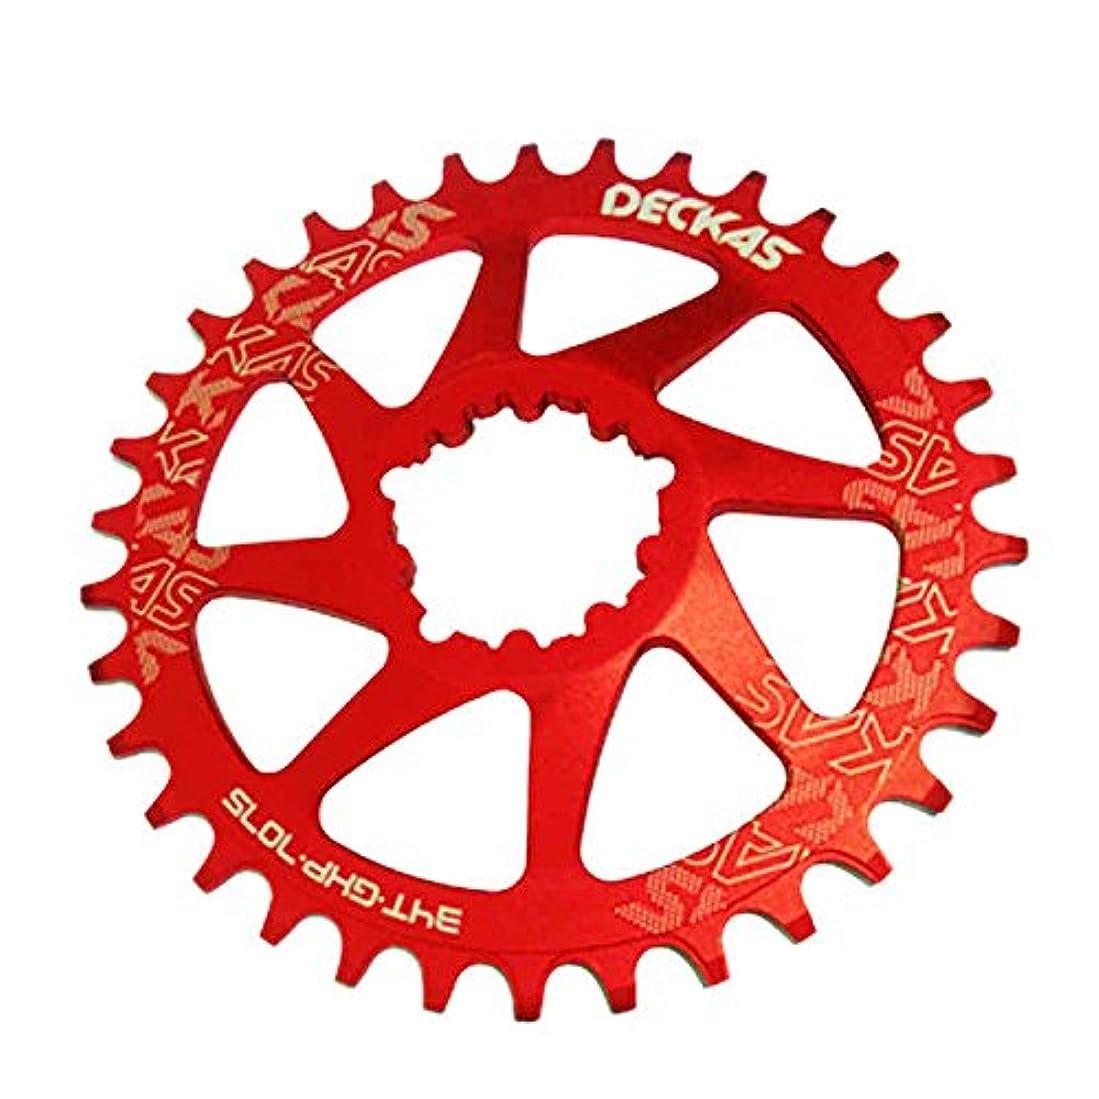 スナック下向きエミュレートするPropenary - GXP bicycle crankset Al 7075 CNC32T 34T Narrow Wide Chainring Chainwheel for Sram XX1 XO1 X1 GX XO X9 crankset bicycle parts [ 34T Red ]